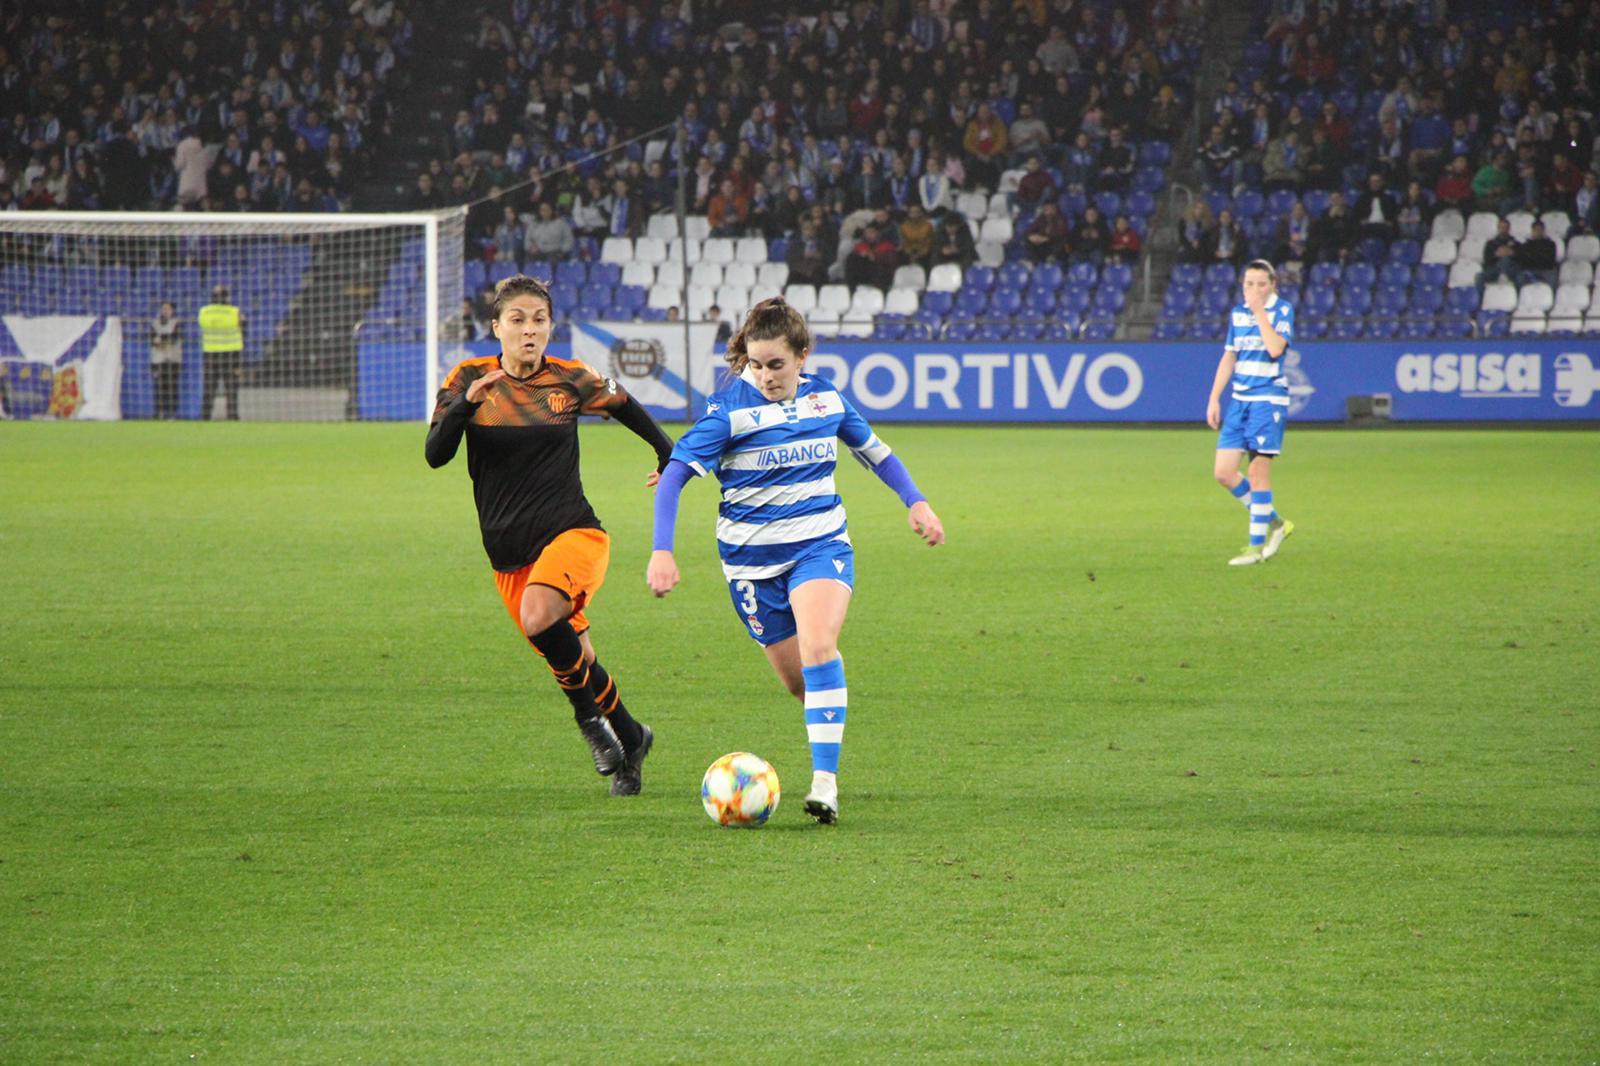 Tere Abelleira durante o partido de Copa   wykazszkowski